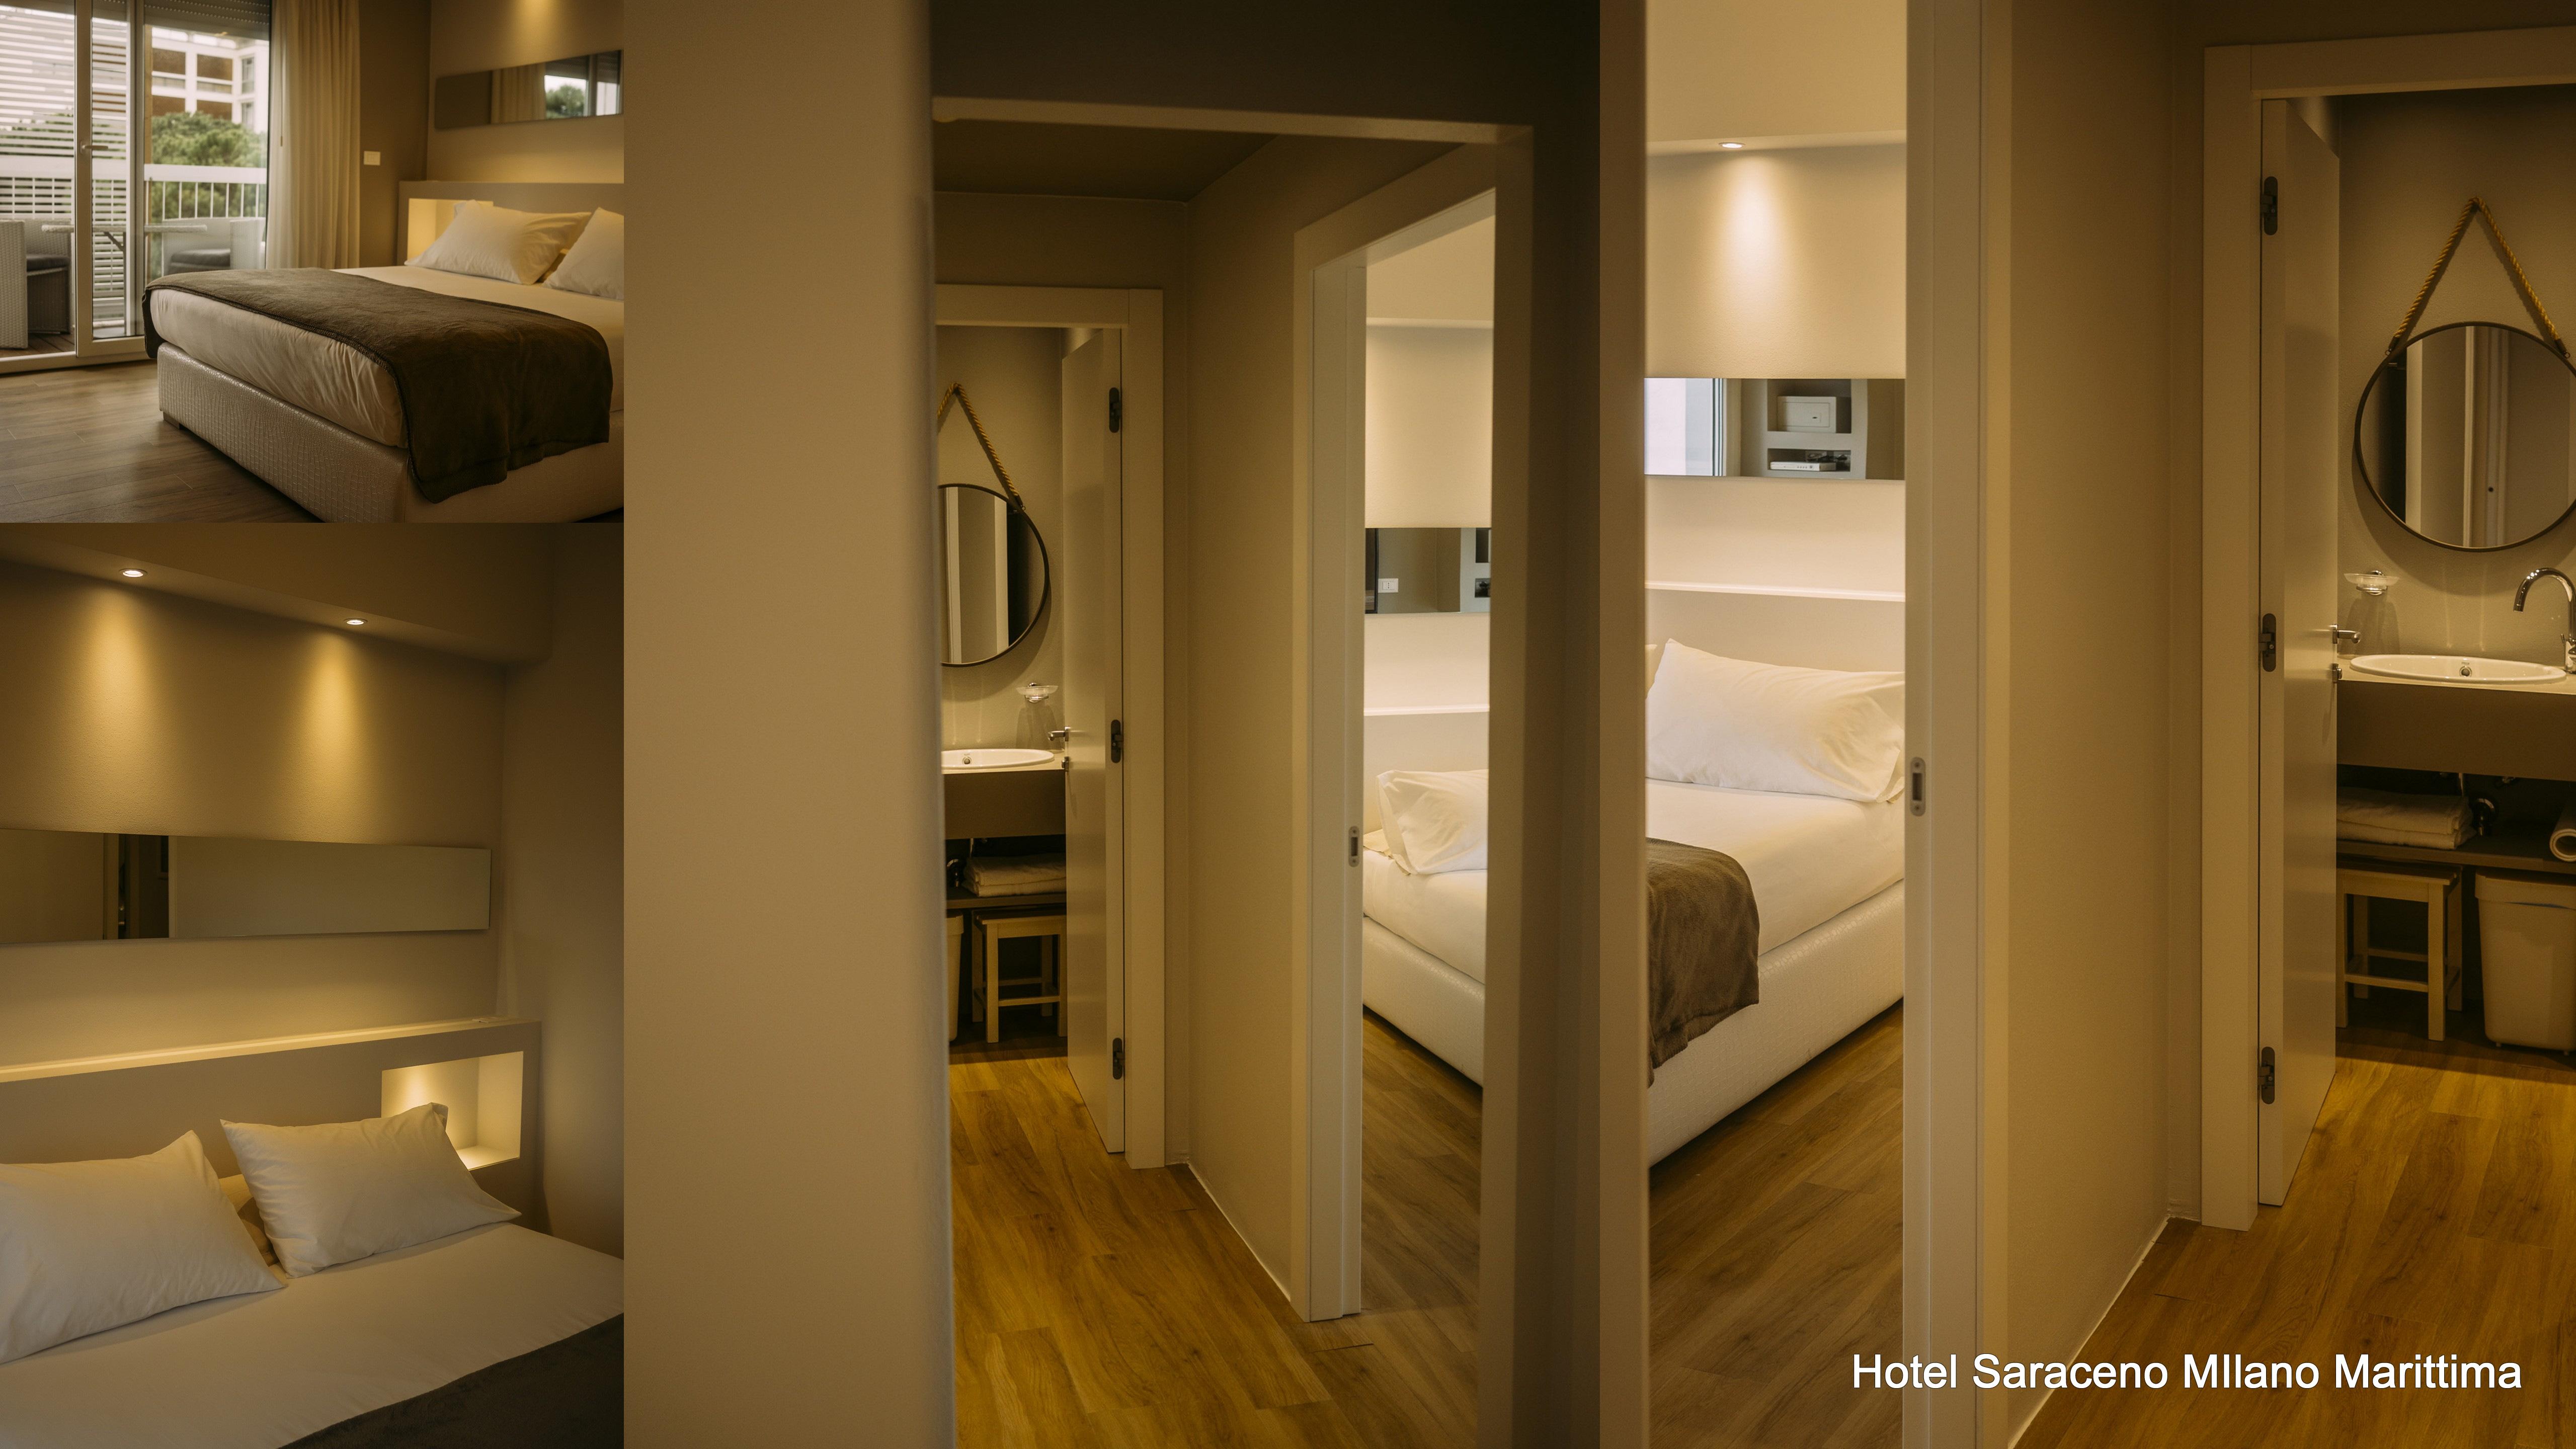 Camera soggiorno e bagni family suite hotel saraceno milano marittima